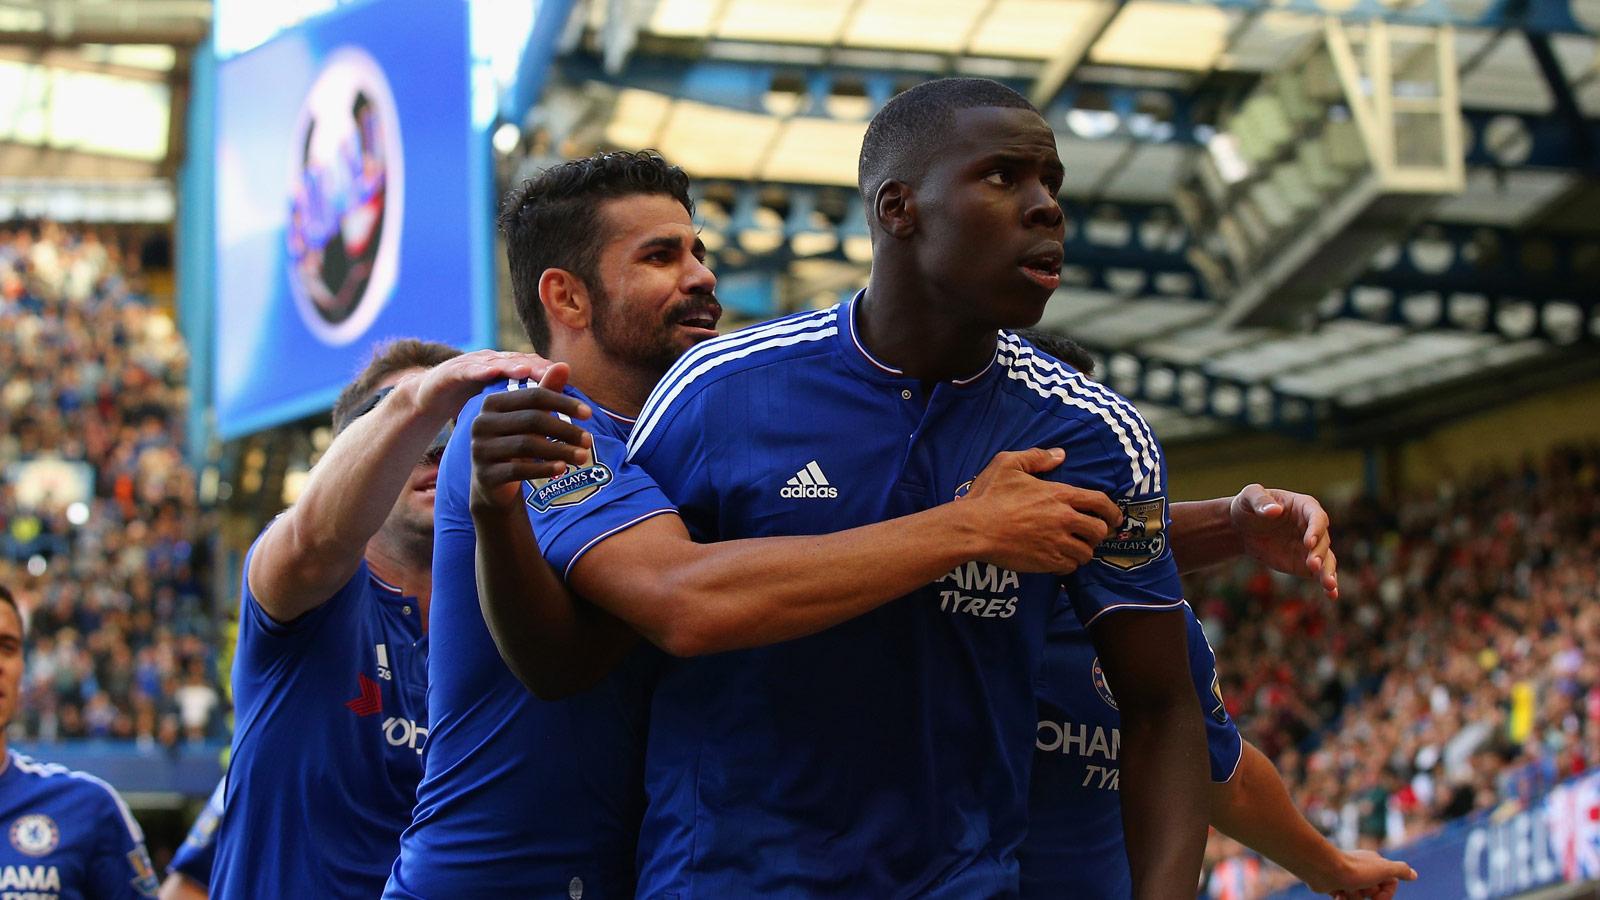 Chelsea edge nine-man Arsenal in fiery derby encounter